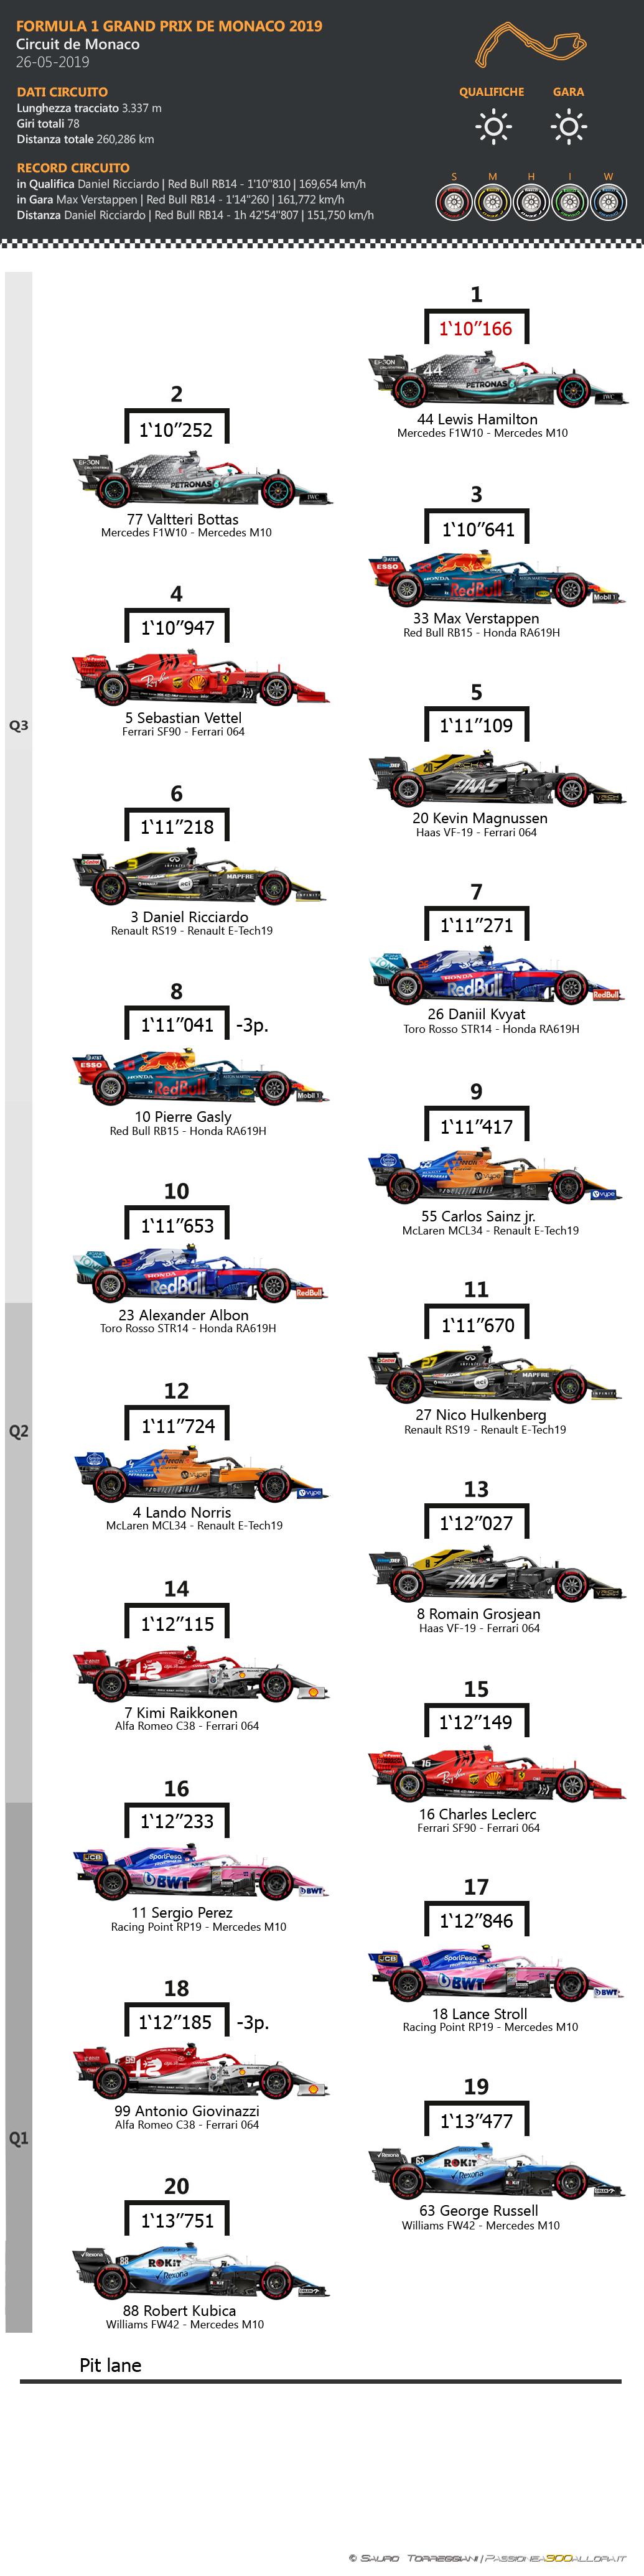 F1 | GP di Monaco 2019: griglia di partenza, penalità e set a disposizione 1